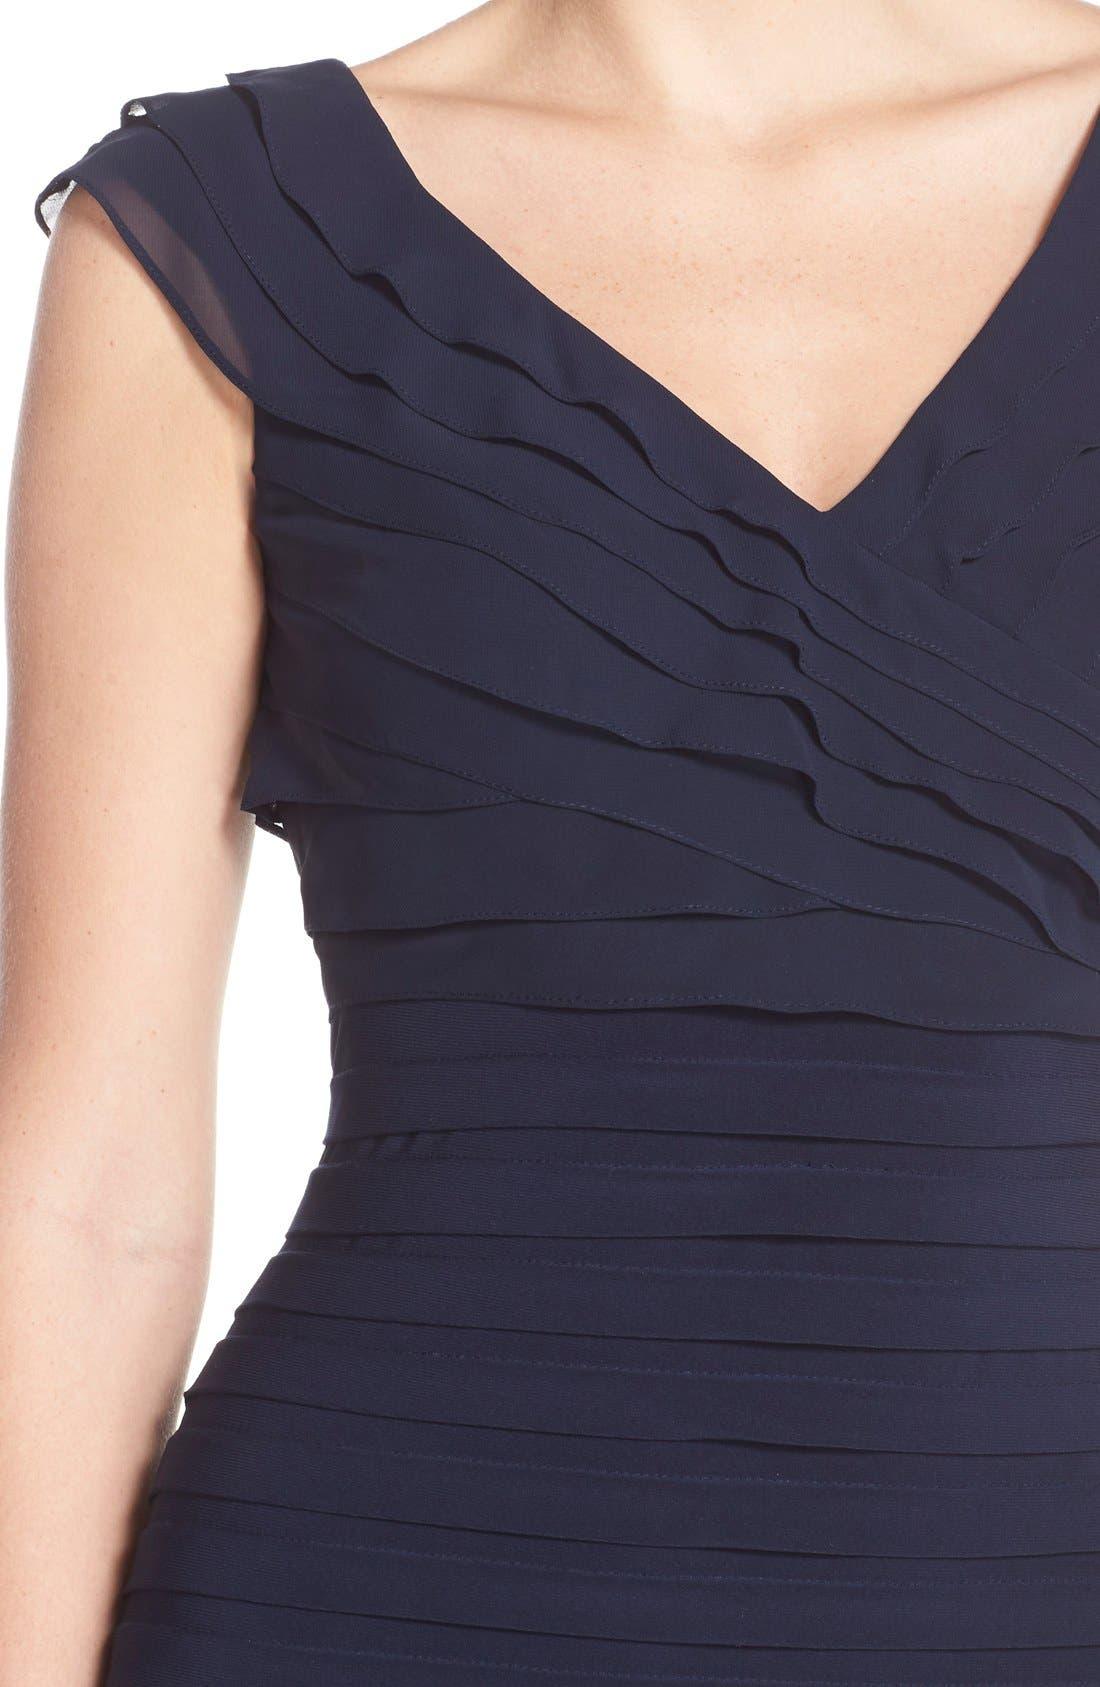 Chiffon & Jersey Sheath Dress,                             Alternate thumbnail 11, color,                             408